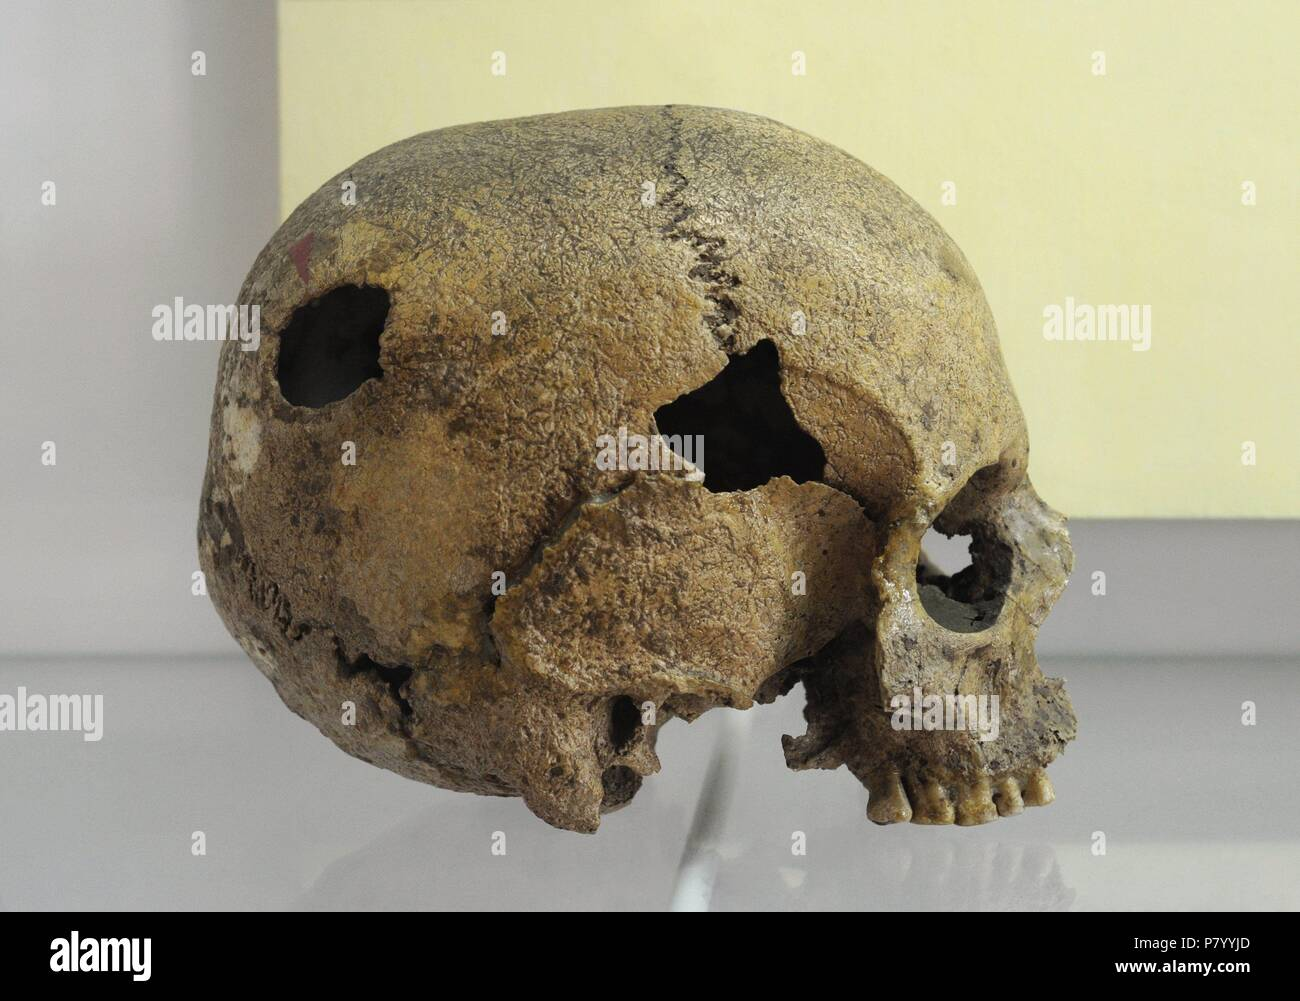 Polonia. En la prehistoria. Cráneo humano marcado con post ...